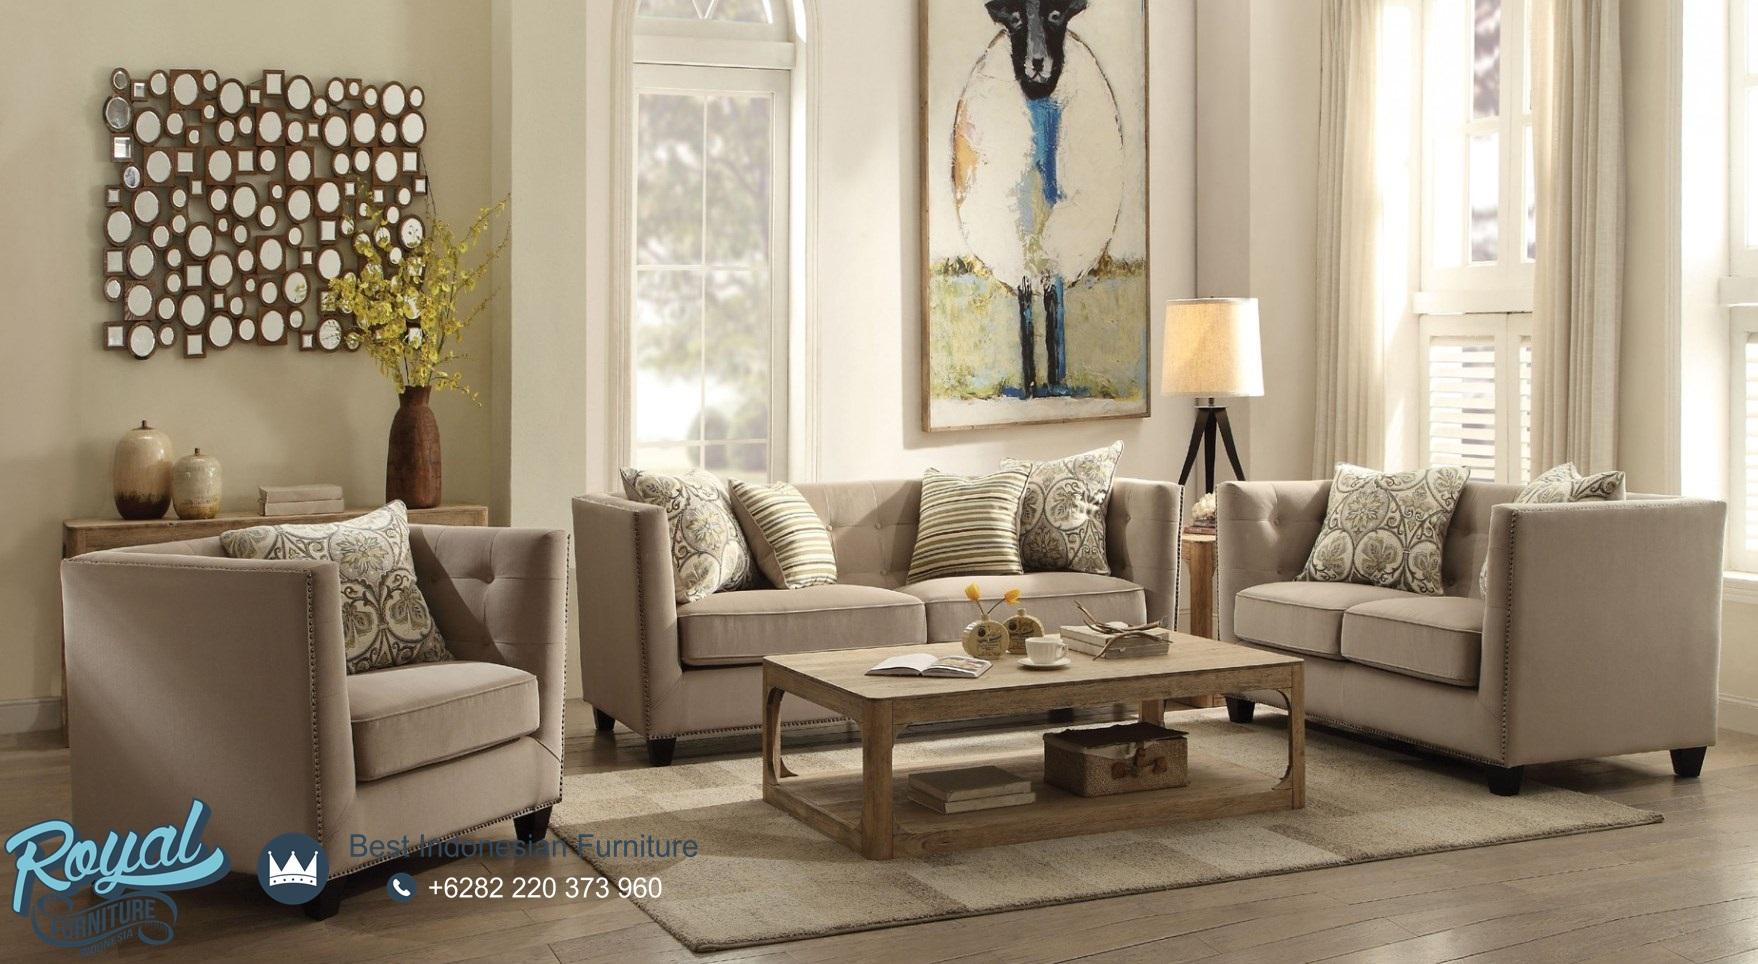 Set Sofa Kursi Tamu Minimalis Terbaru Vintage Full Cover, kursi tamu minimalis terbaru, sofa tamu minimalis terbaru, sofa tamu mewah, set sofa tamu minimalis mewah, model sofa tamu minimalis terbaru,harga sofa tamu minimalis murah, desain gambar sofa tamu mewah klasik, Furniture Jepara, furniture sofa ruang tamu ukiran jepara, harga sofa tamu jepara terbaru, jual sofa tamu jati jepara, Kursi Tamu Klasik, kursi tamu mewah, Mebel Jepara, model sofa tamu klasik, Set Kursi Sofa Tamu Jepara Gold Classic Terbaru, set ruang tamu klasik, set sofa tamu jepara, Set Sofa Tamu Mewah, sofa ruang tamu mewah terbaru, sofa tamu jati ukir klasik, Sofa Tamu Klasik, Sofa Tamu Mewah, Sofa Tamu Mewah Klasik Bulgaria Terbaru, Sofa Tamu Mewah Ukir Klasik Jepara Gold Duco, Sofa Tamu Minimalis Terbaru, sofa tamu modern mewah, Royal Furniture Indonesia